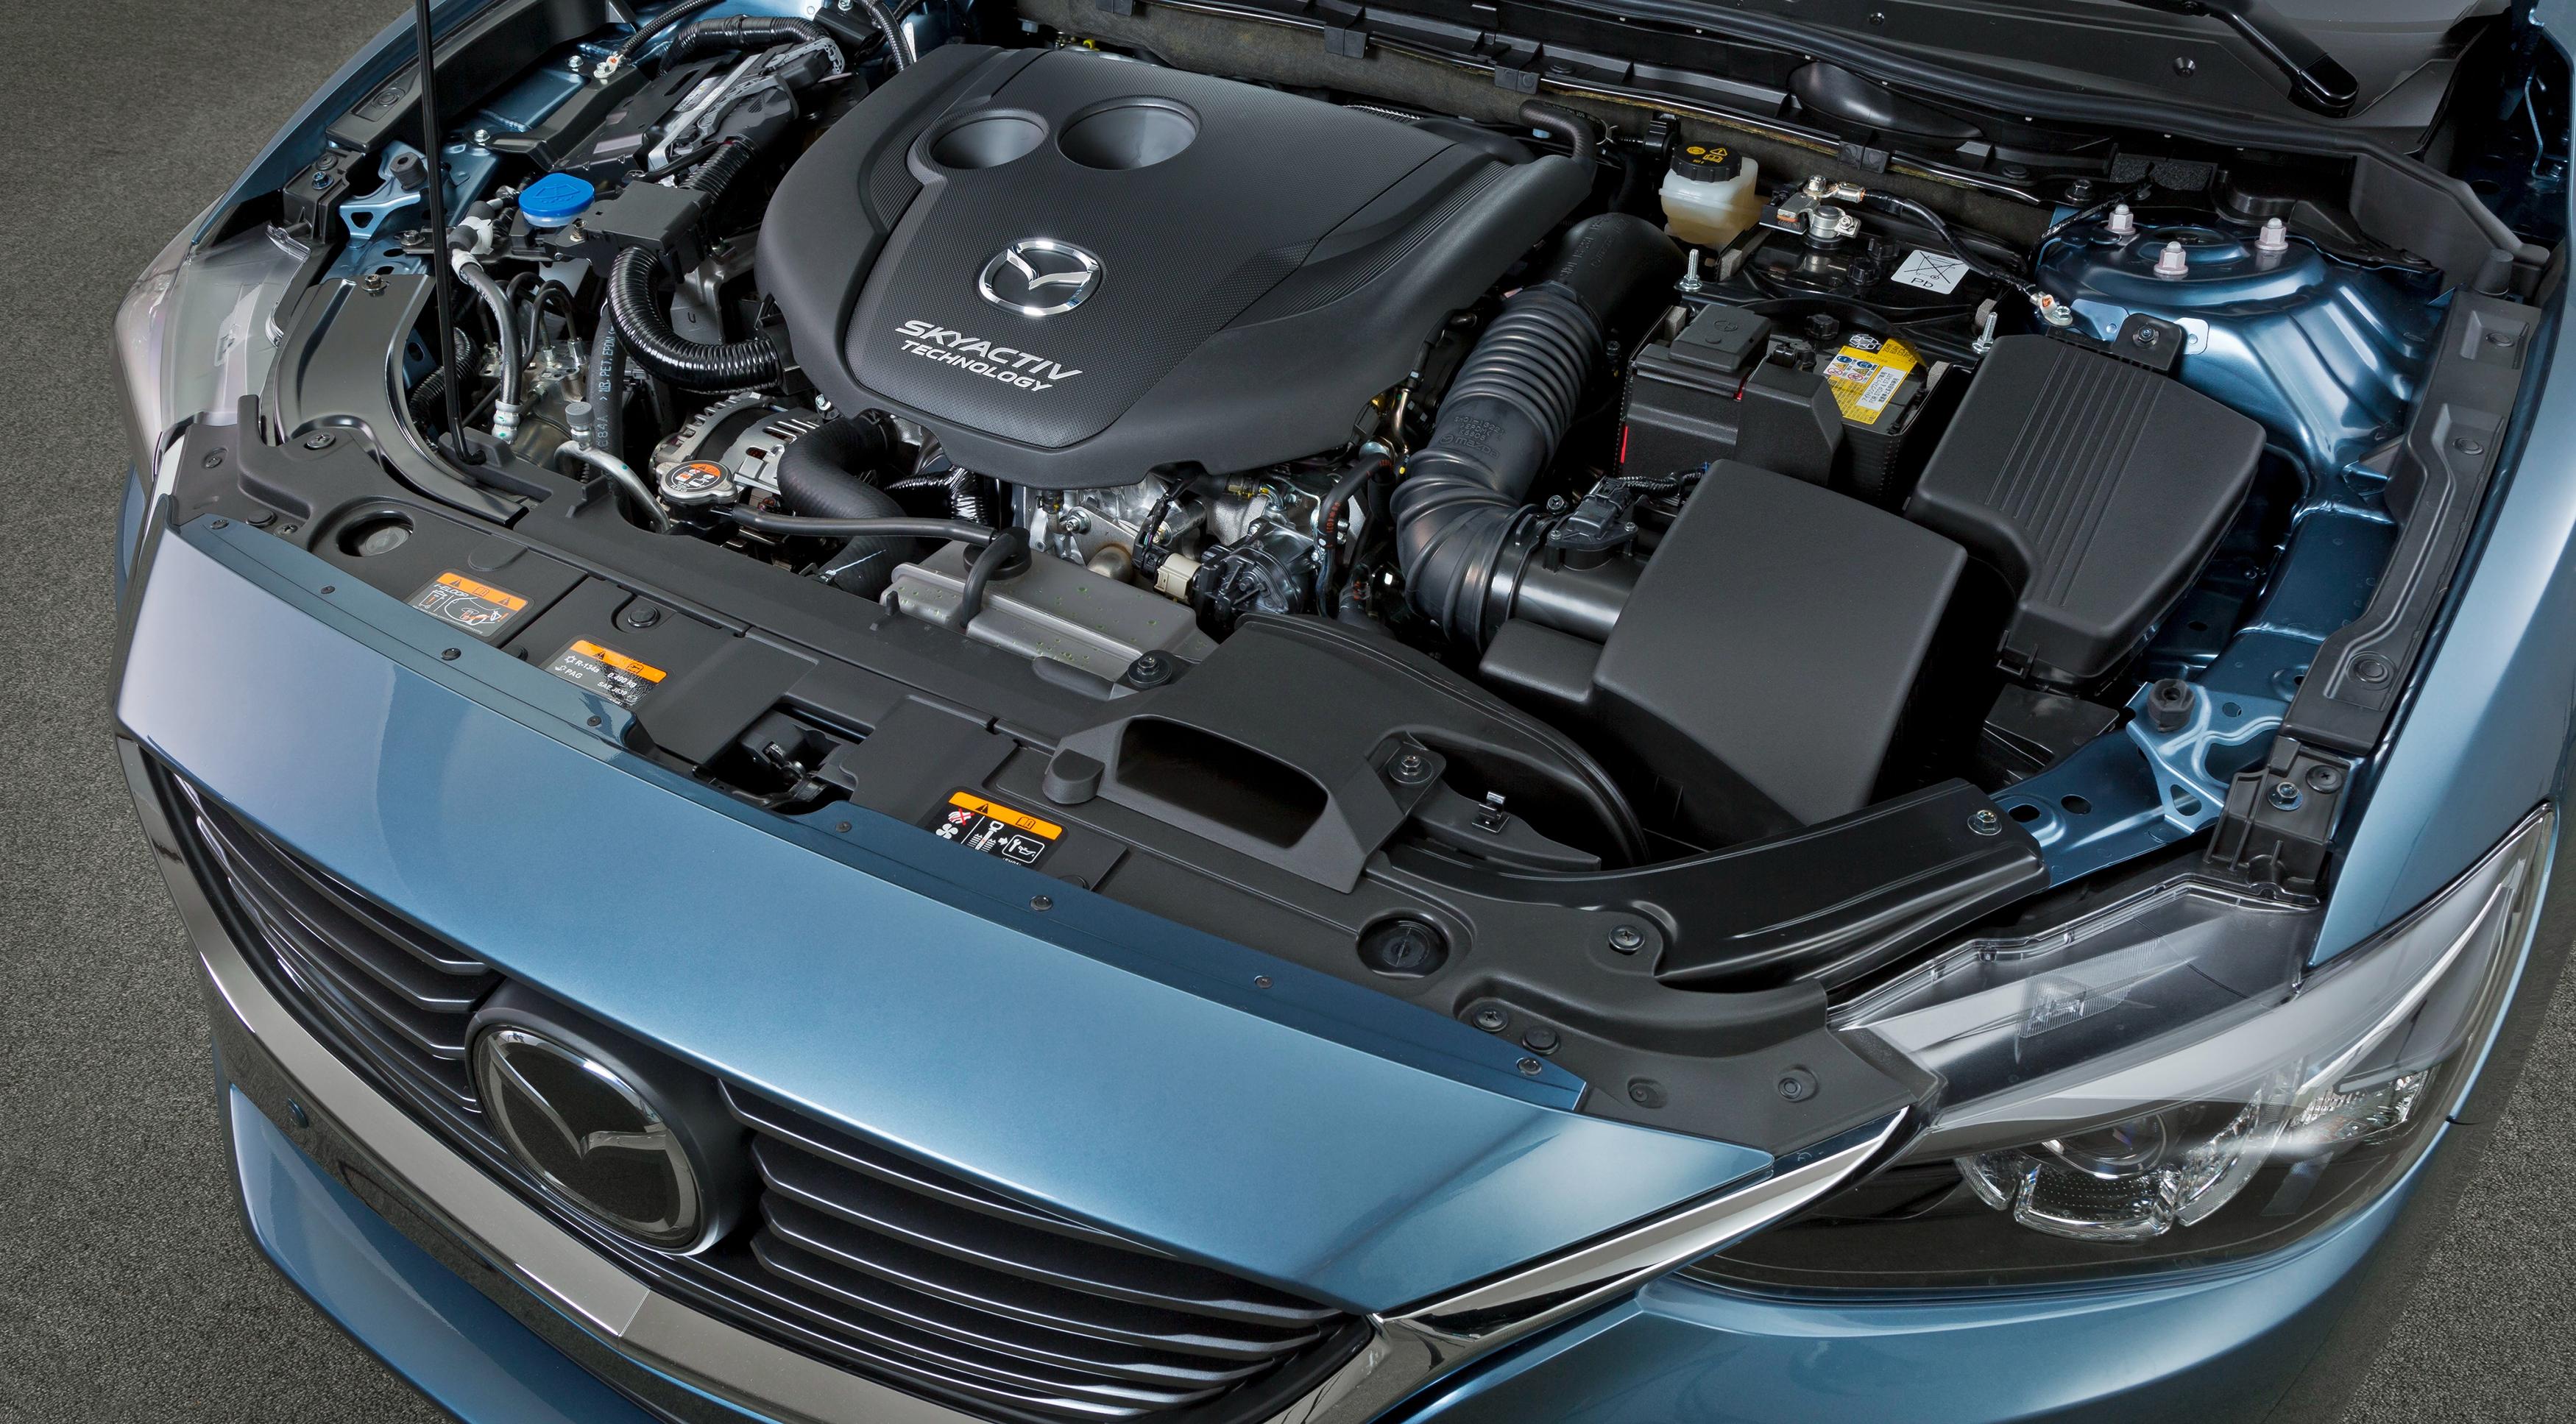 Mazda заявила о - честности - своих моторов